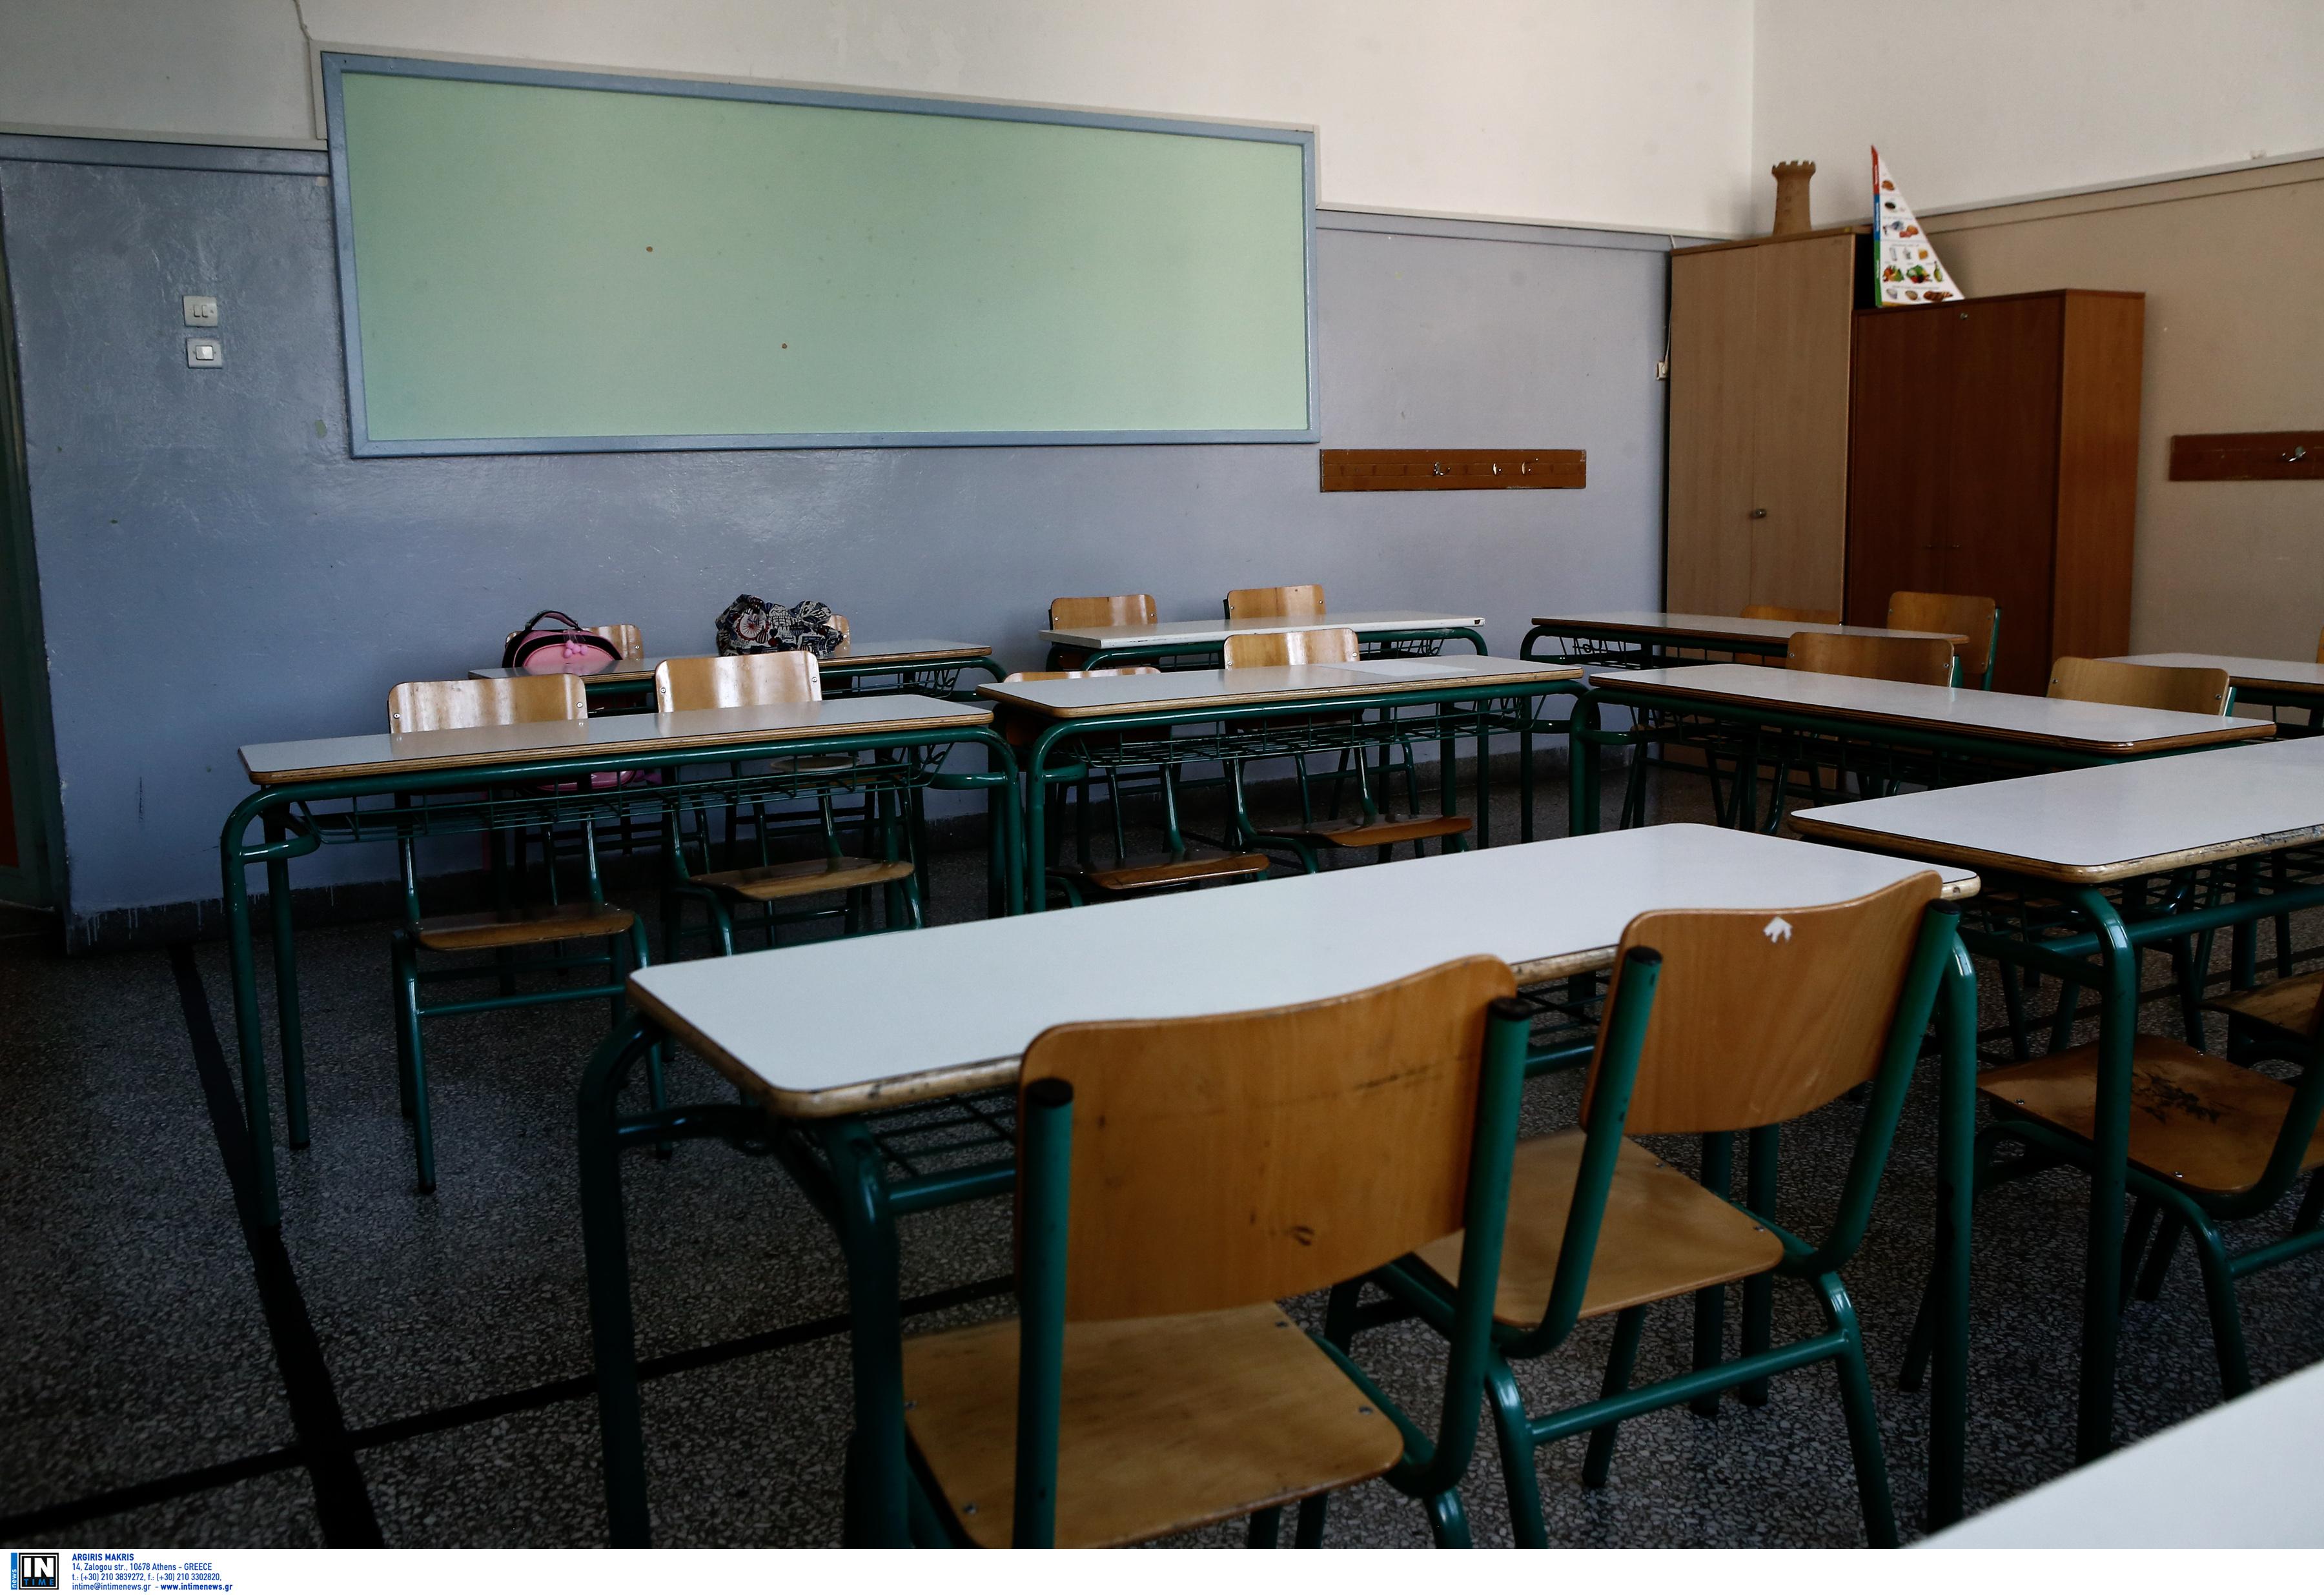 Κρήτη: Στο νοσοκομείο μαθήτρια που κάπνιζε χασίς στο σχολείο της – Τα έχασαν οι καθηγητές της!